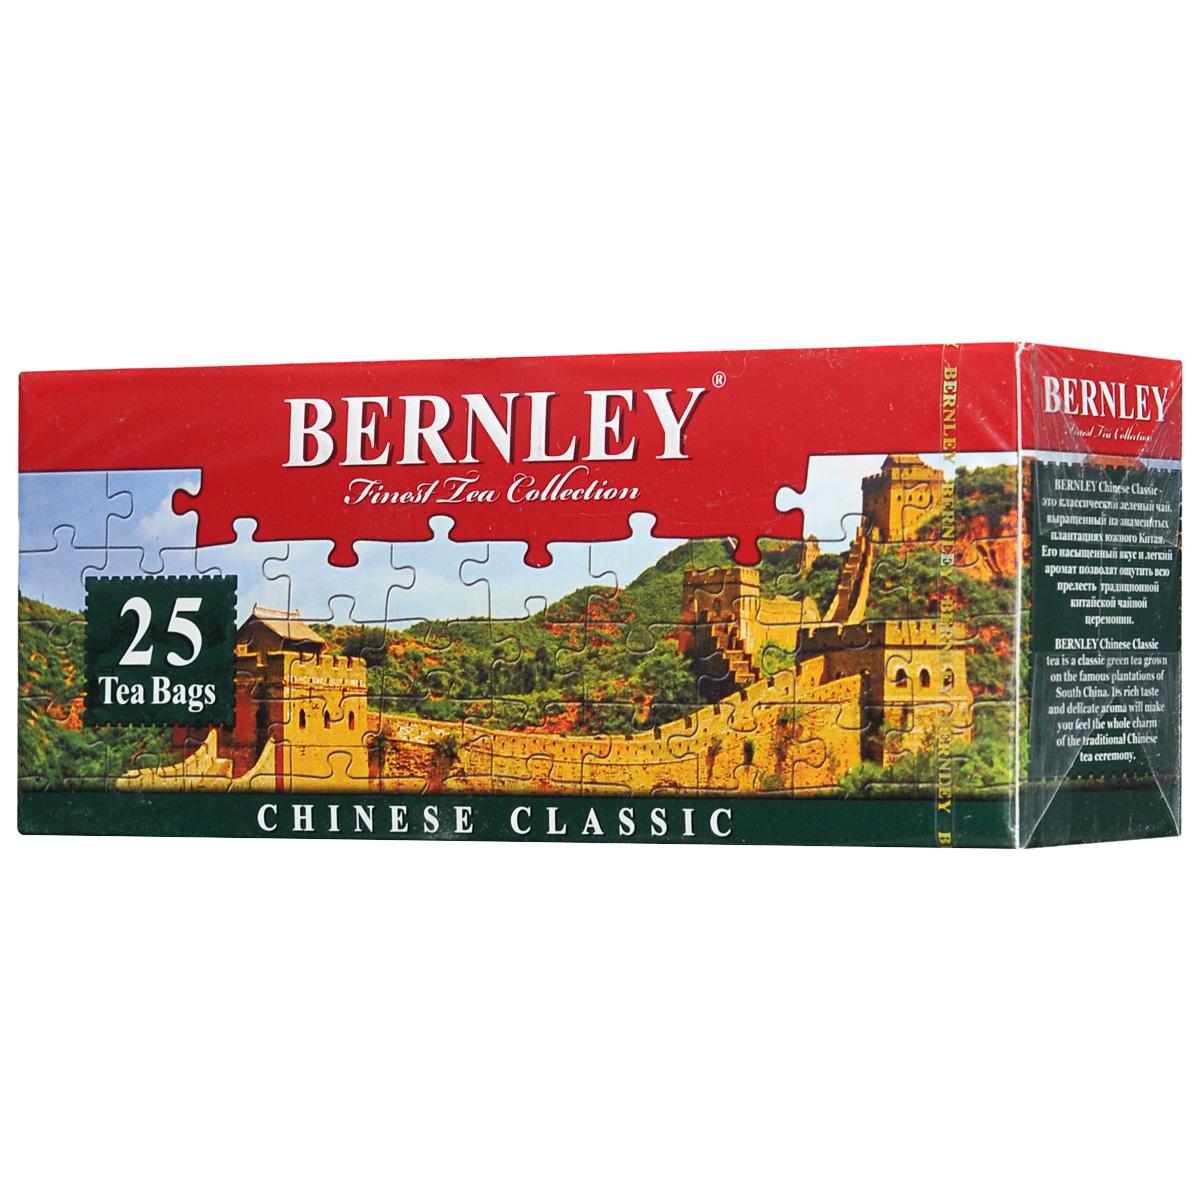 Bernley Chinese Classic зеленый чай в пакетиках, 25 шт0120710Классический зеленый чай Bernley Chinese Classic высшего качества - великолепный пример ни с чем не сравнимой классики всемирно известных традиционных зеленых китайских чаев с терпким, слегка вяжущим вкусом, удивительно тонким ароматом и красивым прозрачно-янтарным настоем.